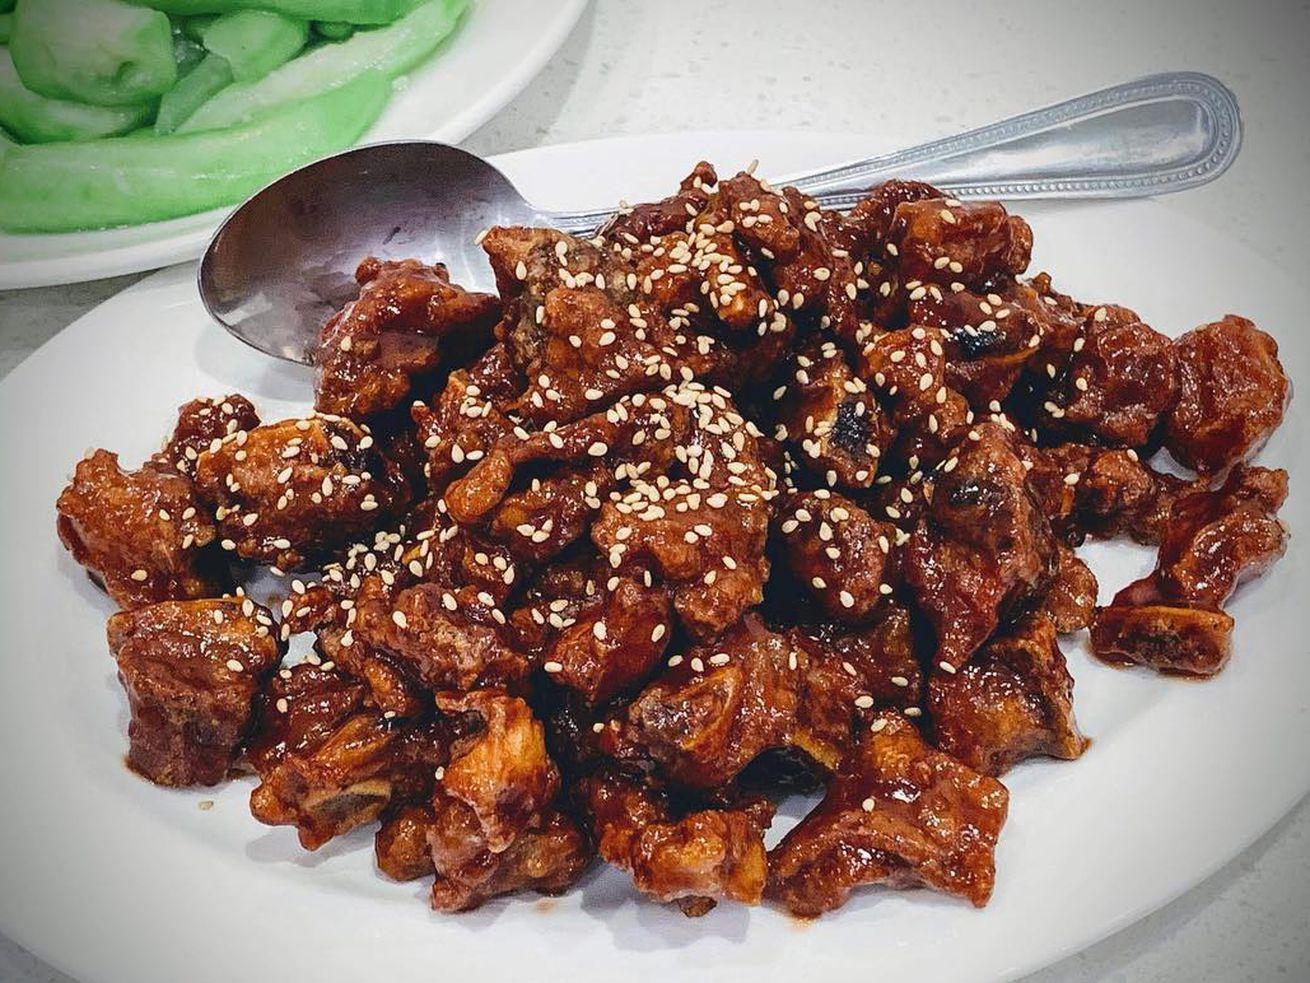 Shanghai baby ribs from Jiang Nan Spring